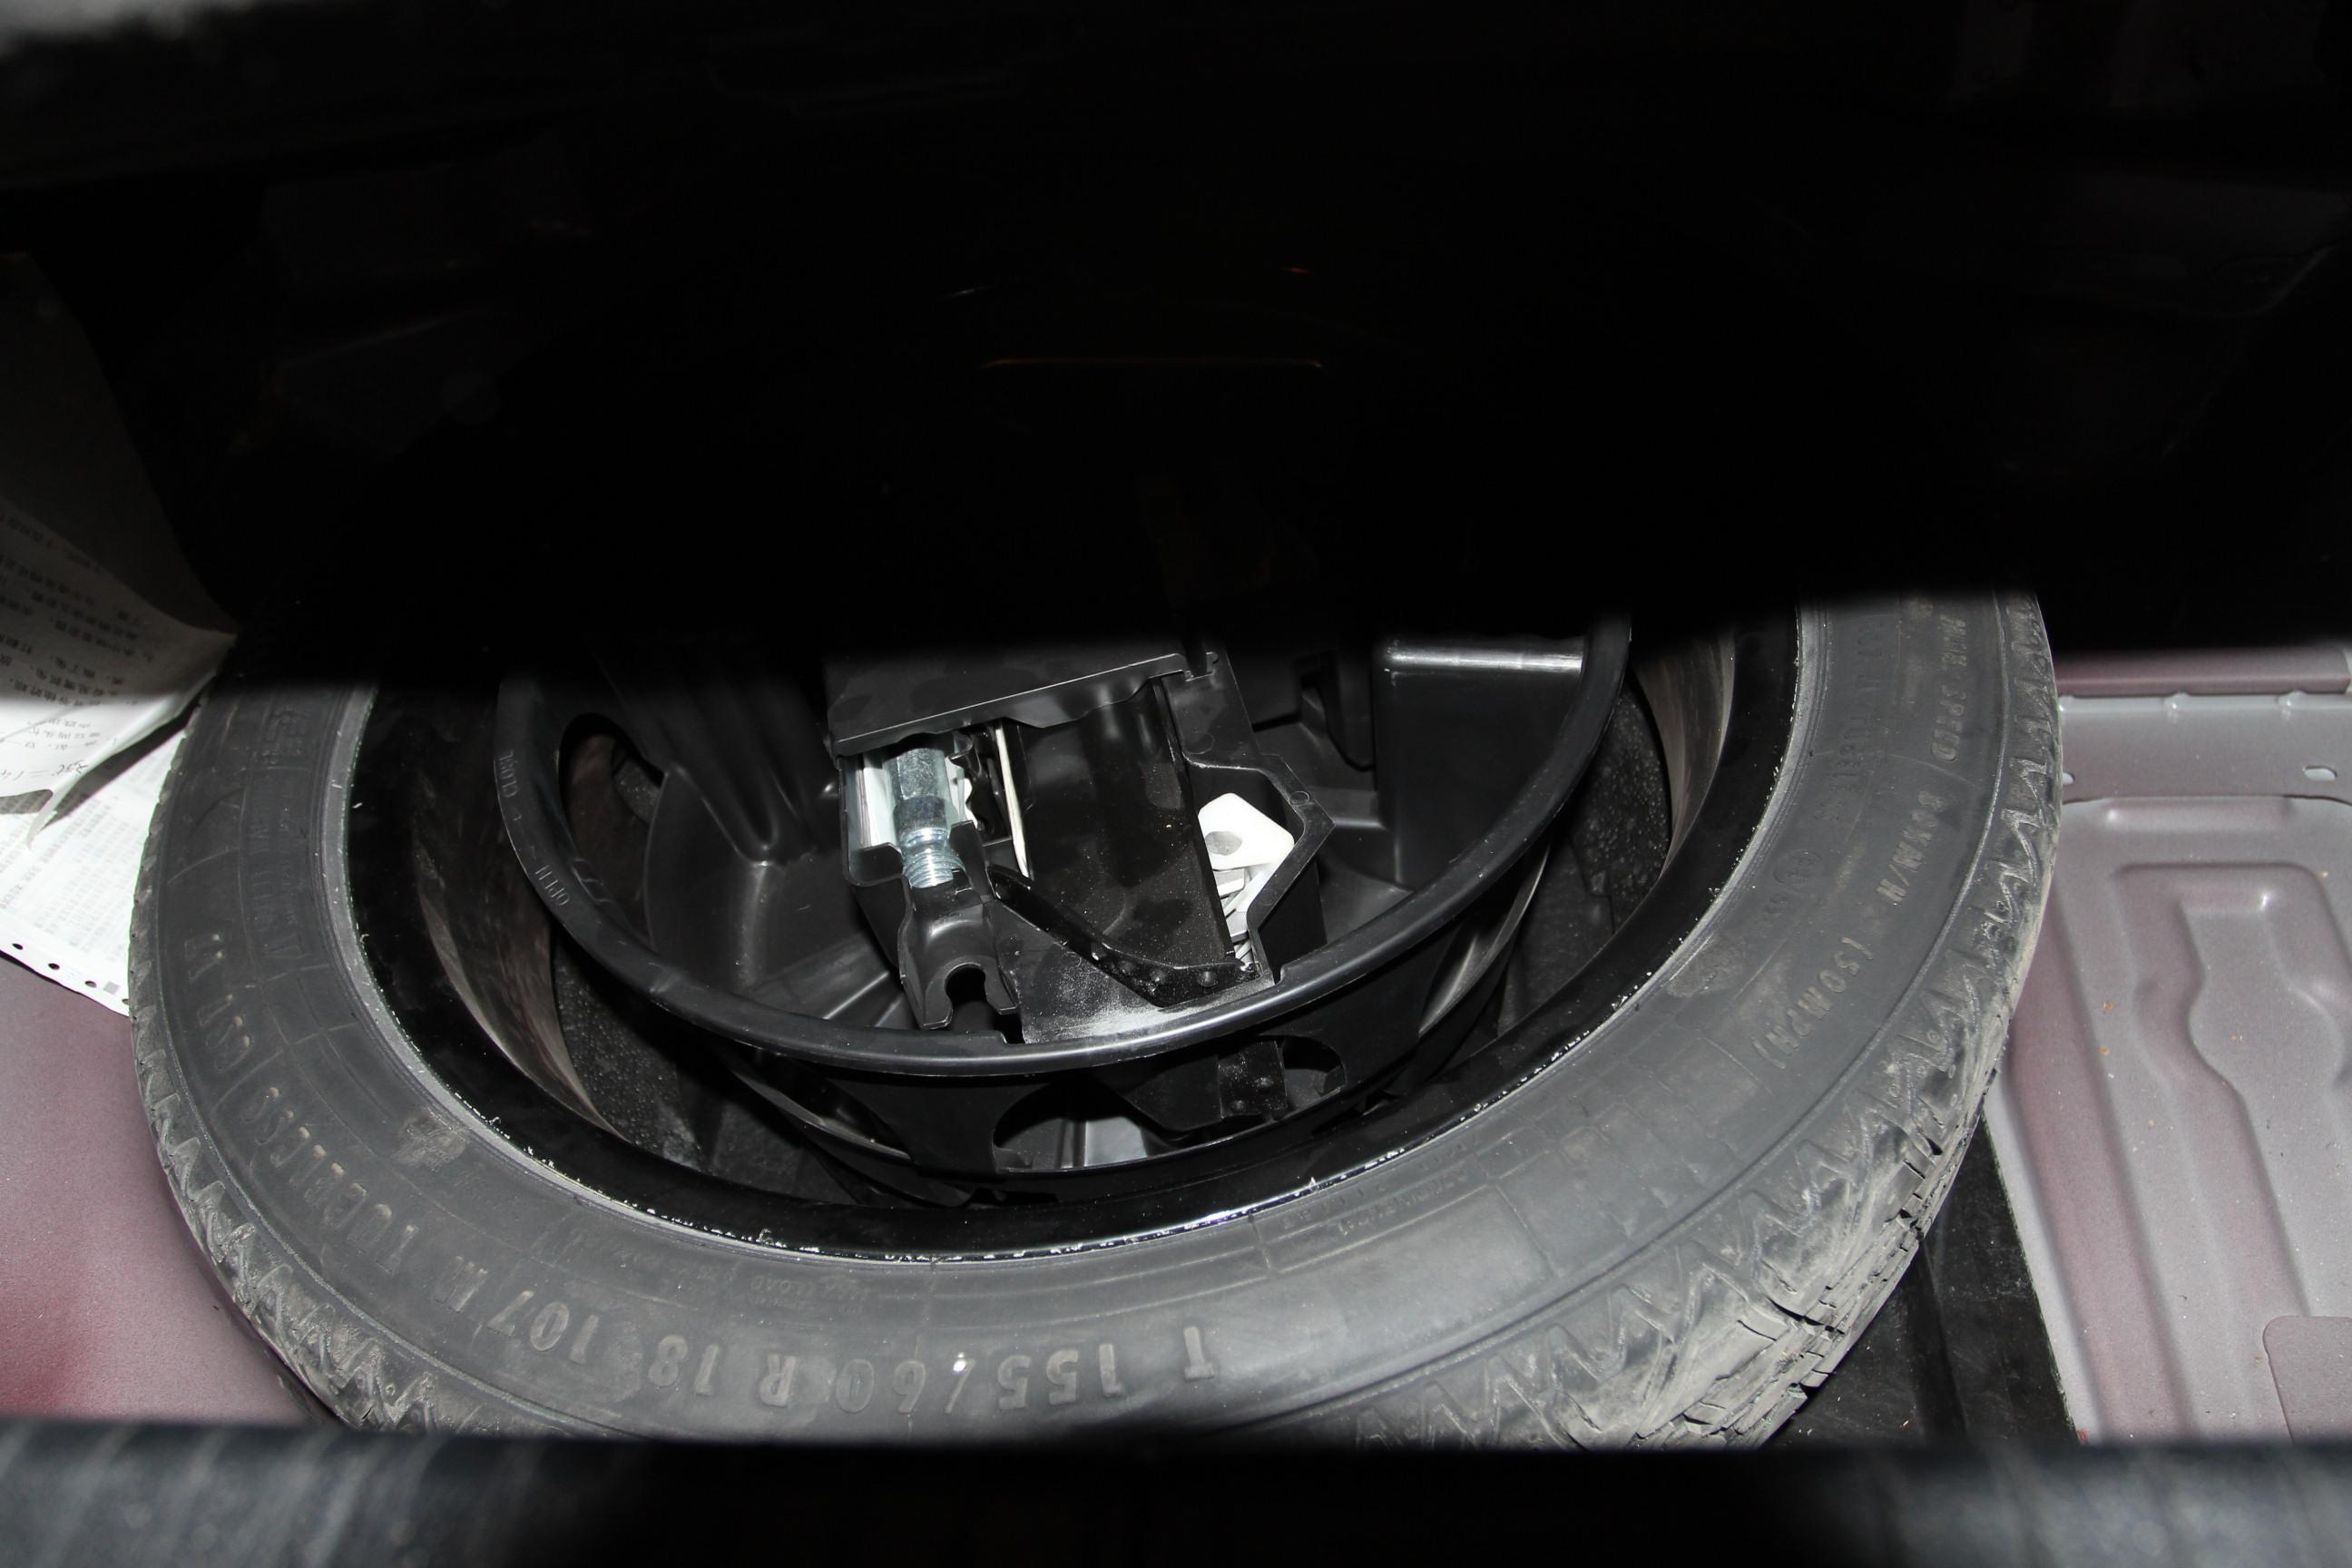 内饰正常磨损,电子设备使用正常,发动机及变速箱运行正常,全程4s店